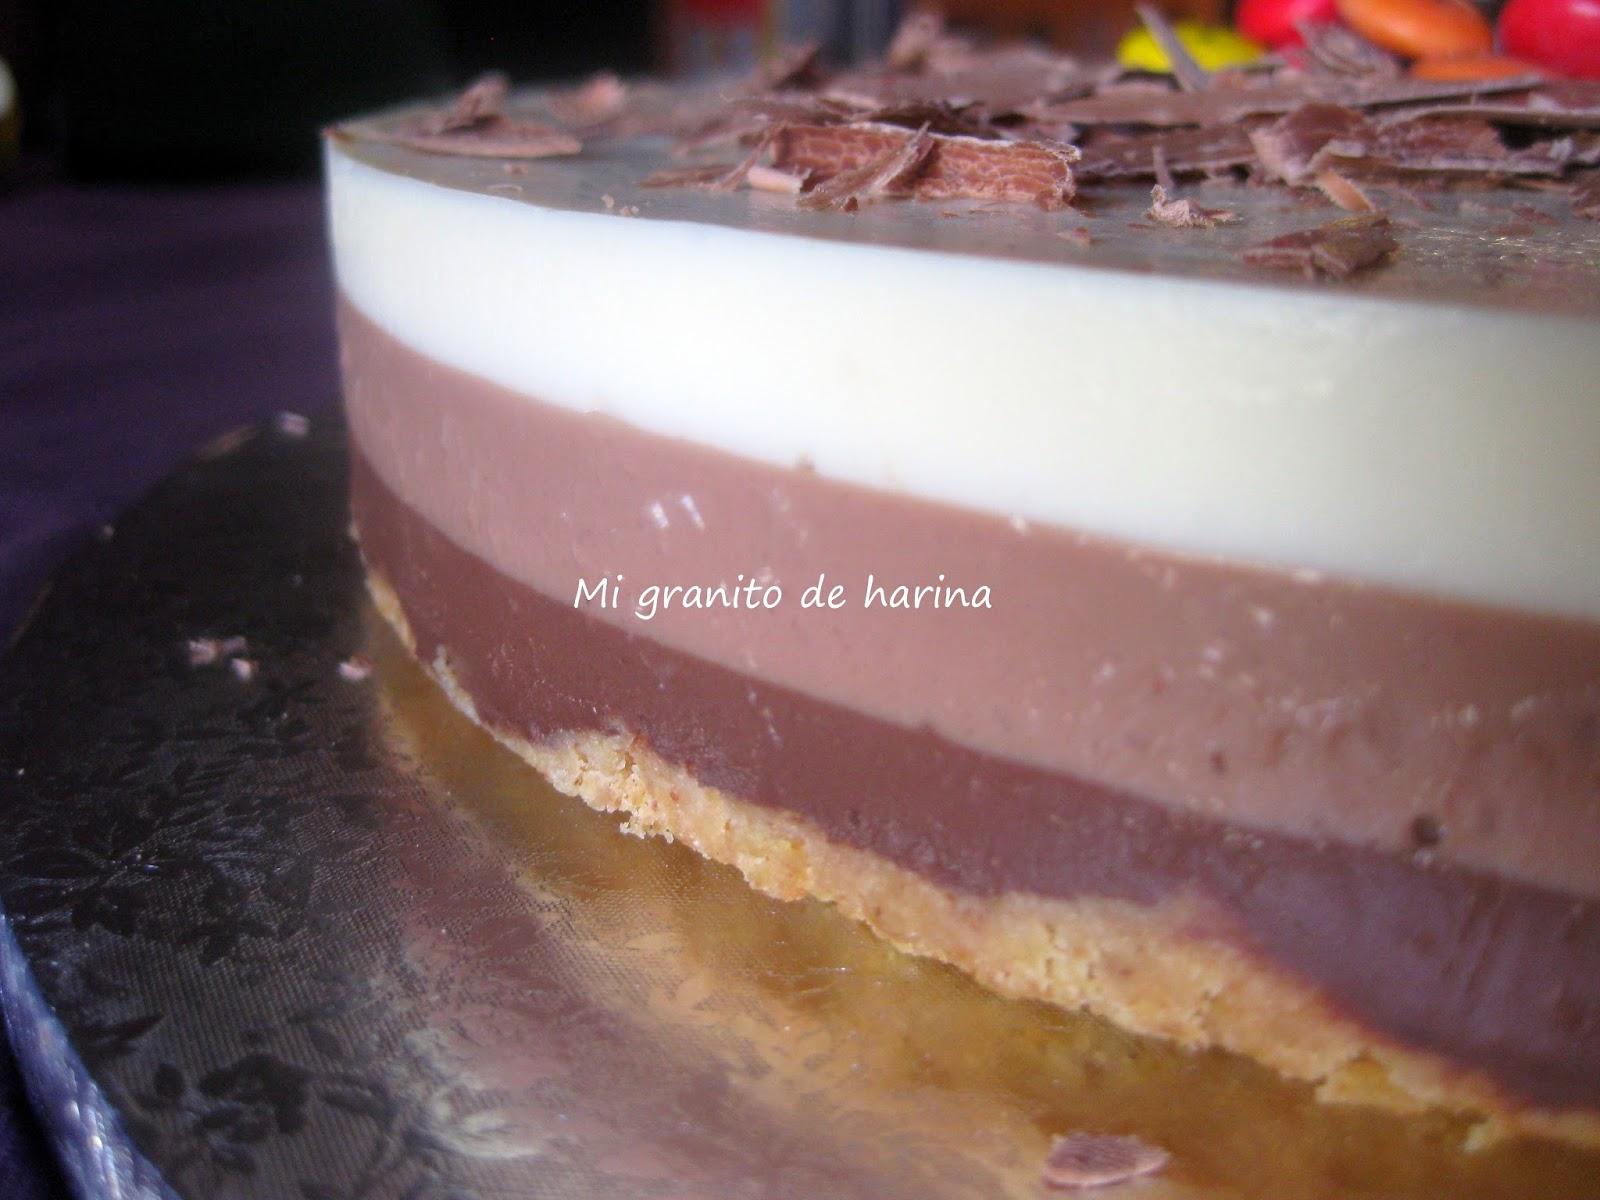 Añadiendo chocolates con textura crujiente puedes conseguir tartas diferentes con la misma base.